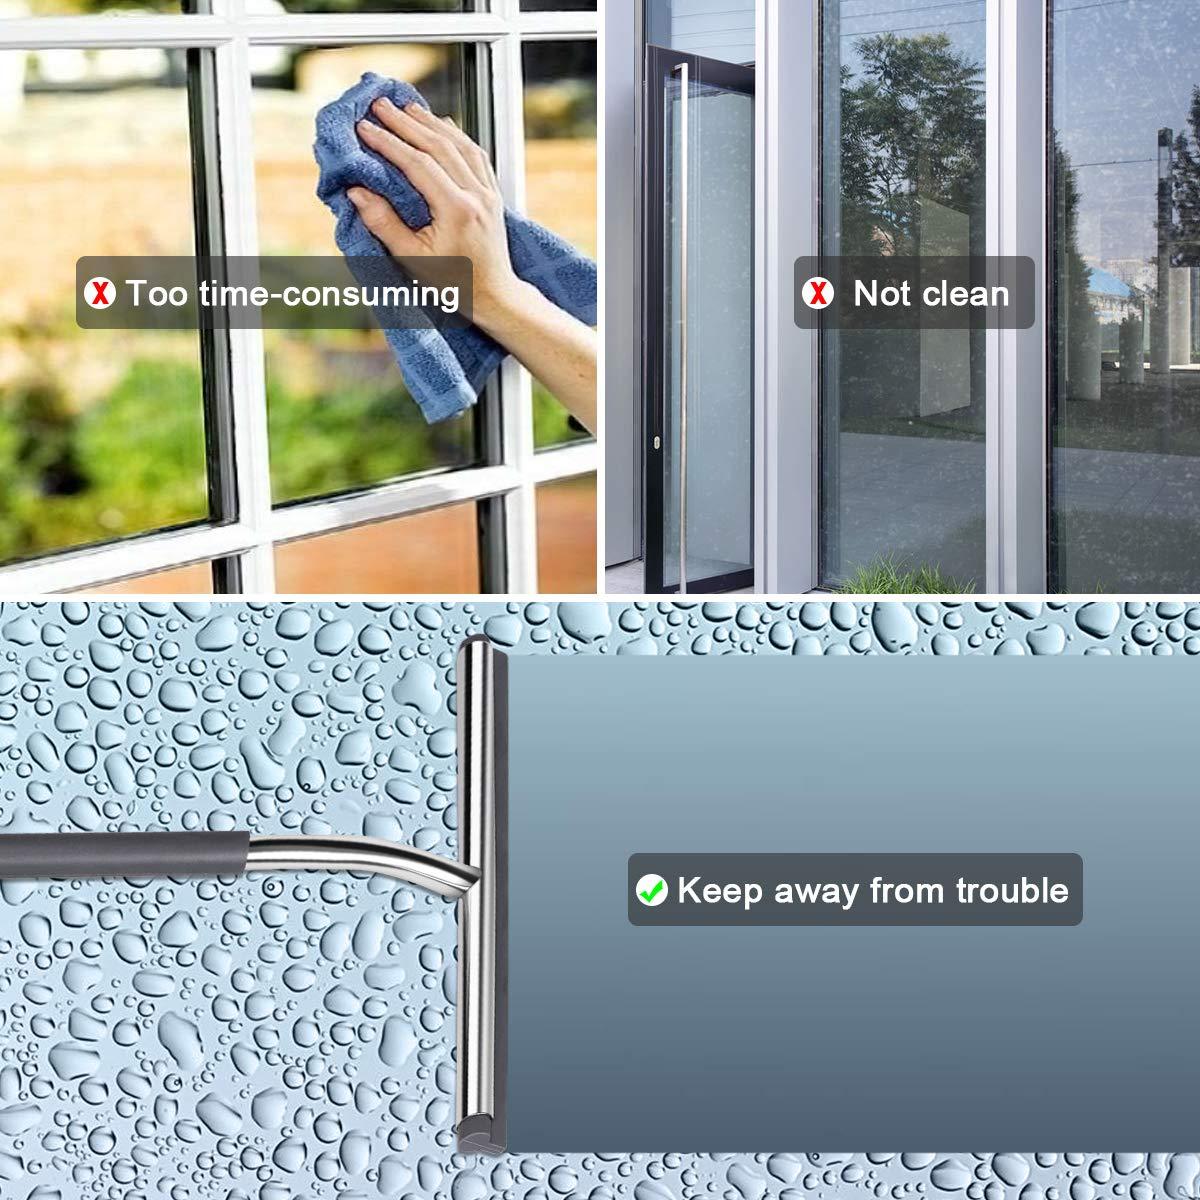 Glaswischer Duschkabinenabzieher mit Haken f/ür Badezimmer Spiegel Fenster Glasreinigung SanGlory Duschabzieher Edelstahl Duschwischer mit Silikon-Wischlippe und Stiel